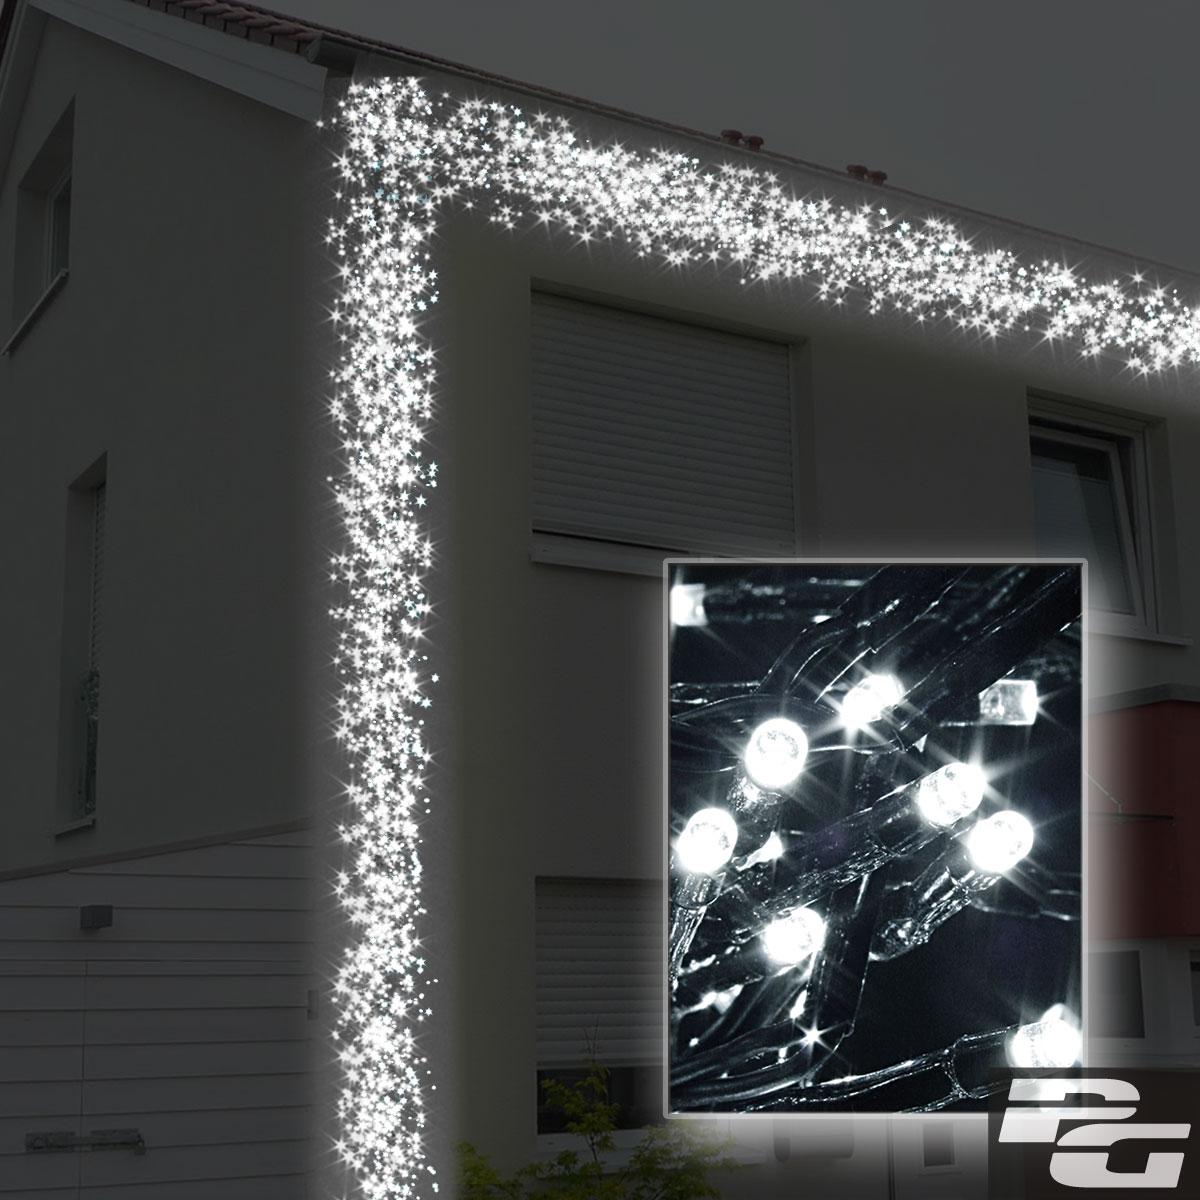 lichterkette led 8 funktionen party cluster au en innen. Black Bedroom Furniture Sets. Home Design Ideas